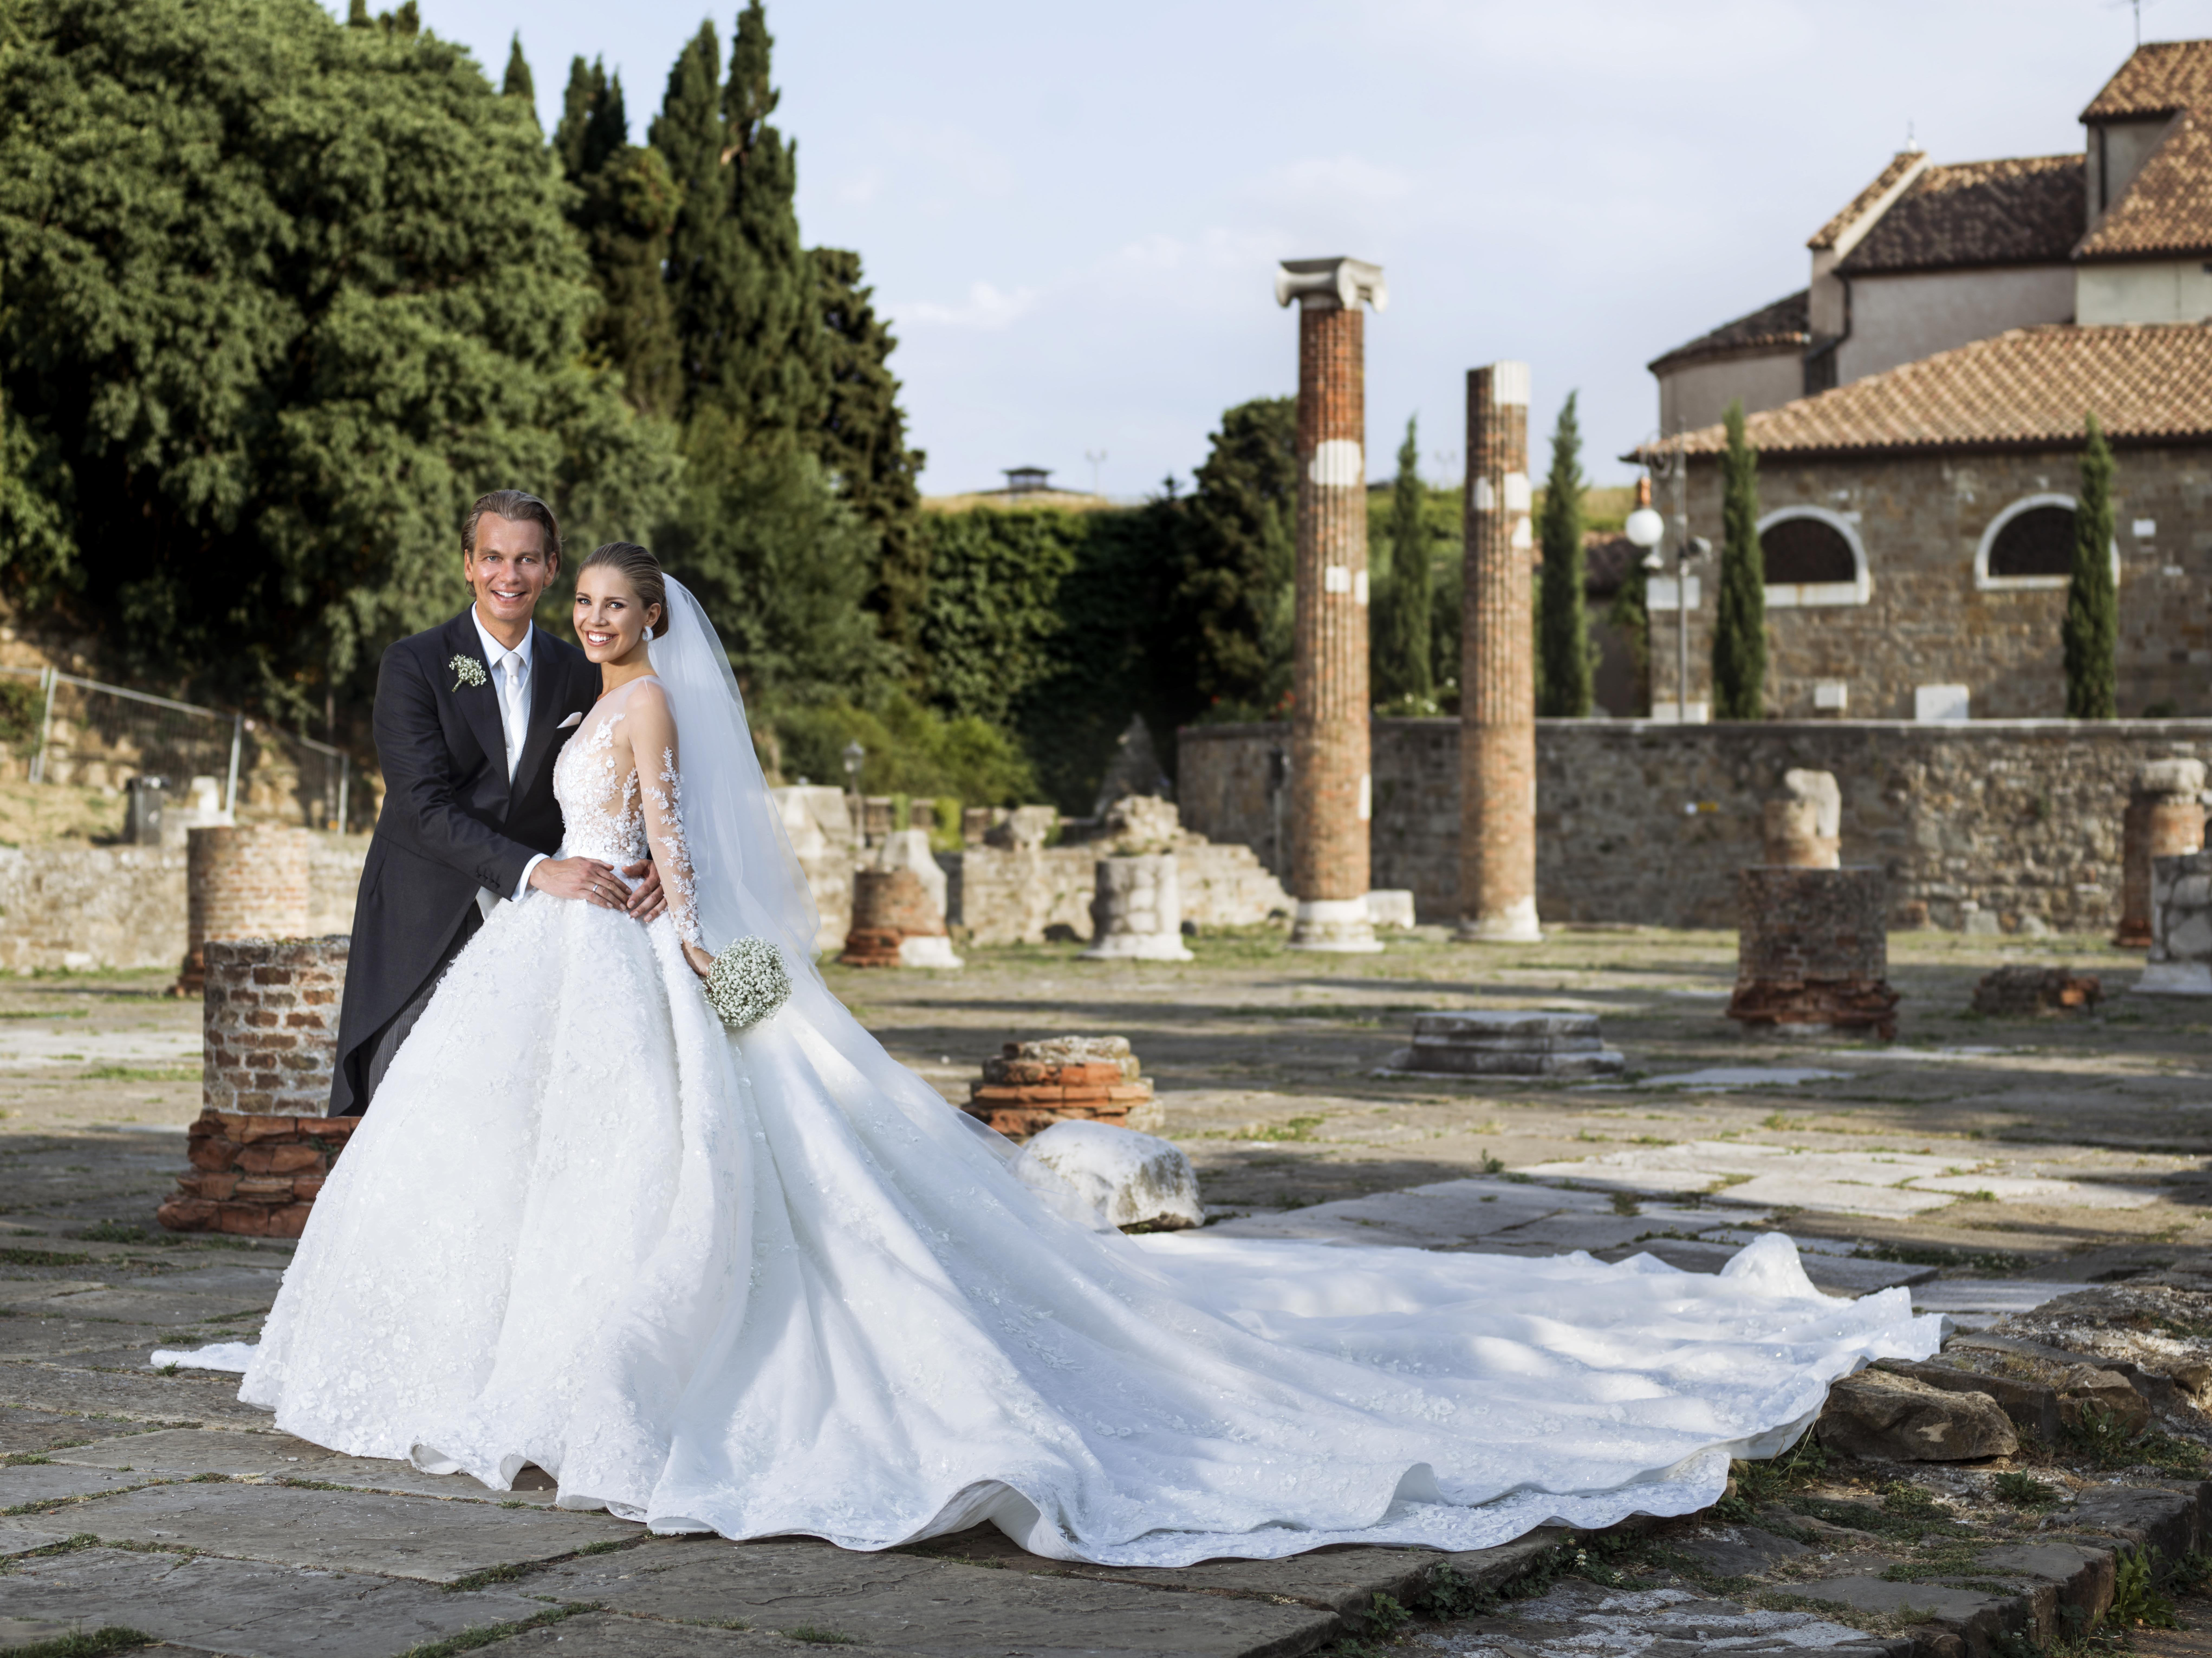 Victoria Swarovski And Werner Muerz Get Married In Trieste